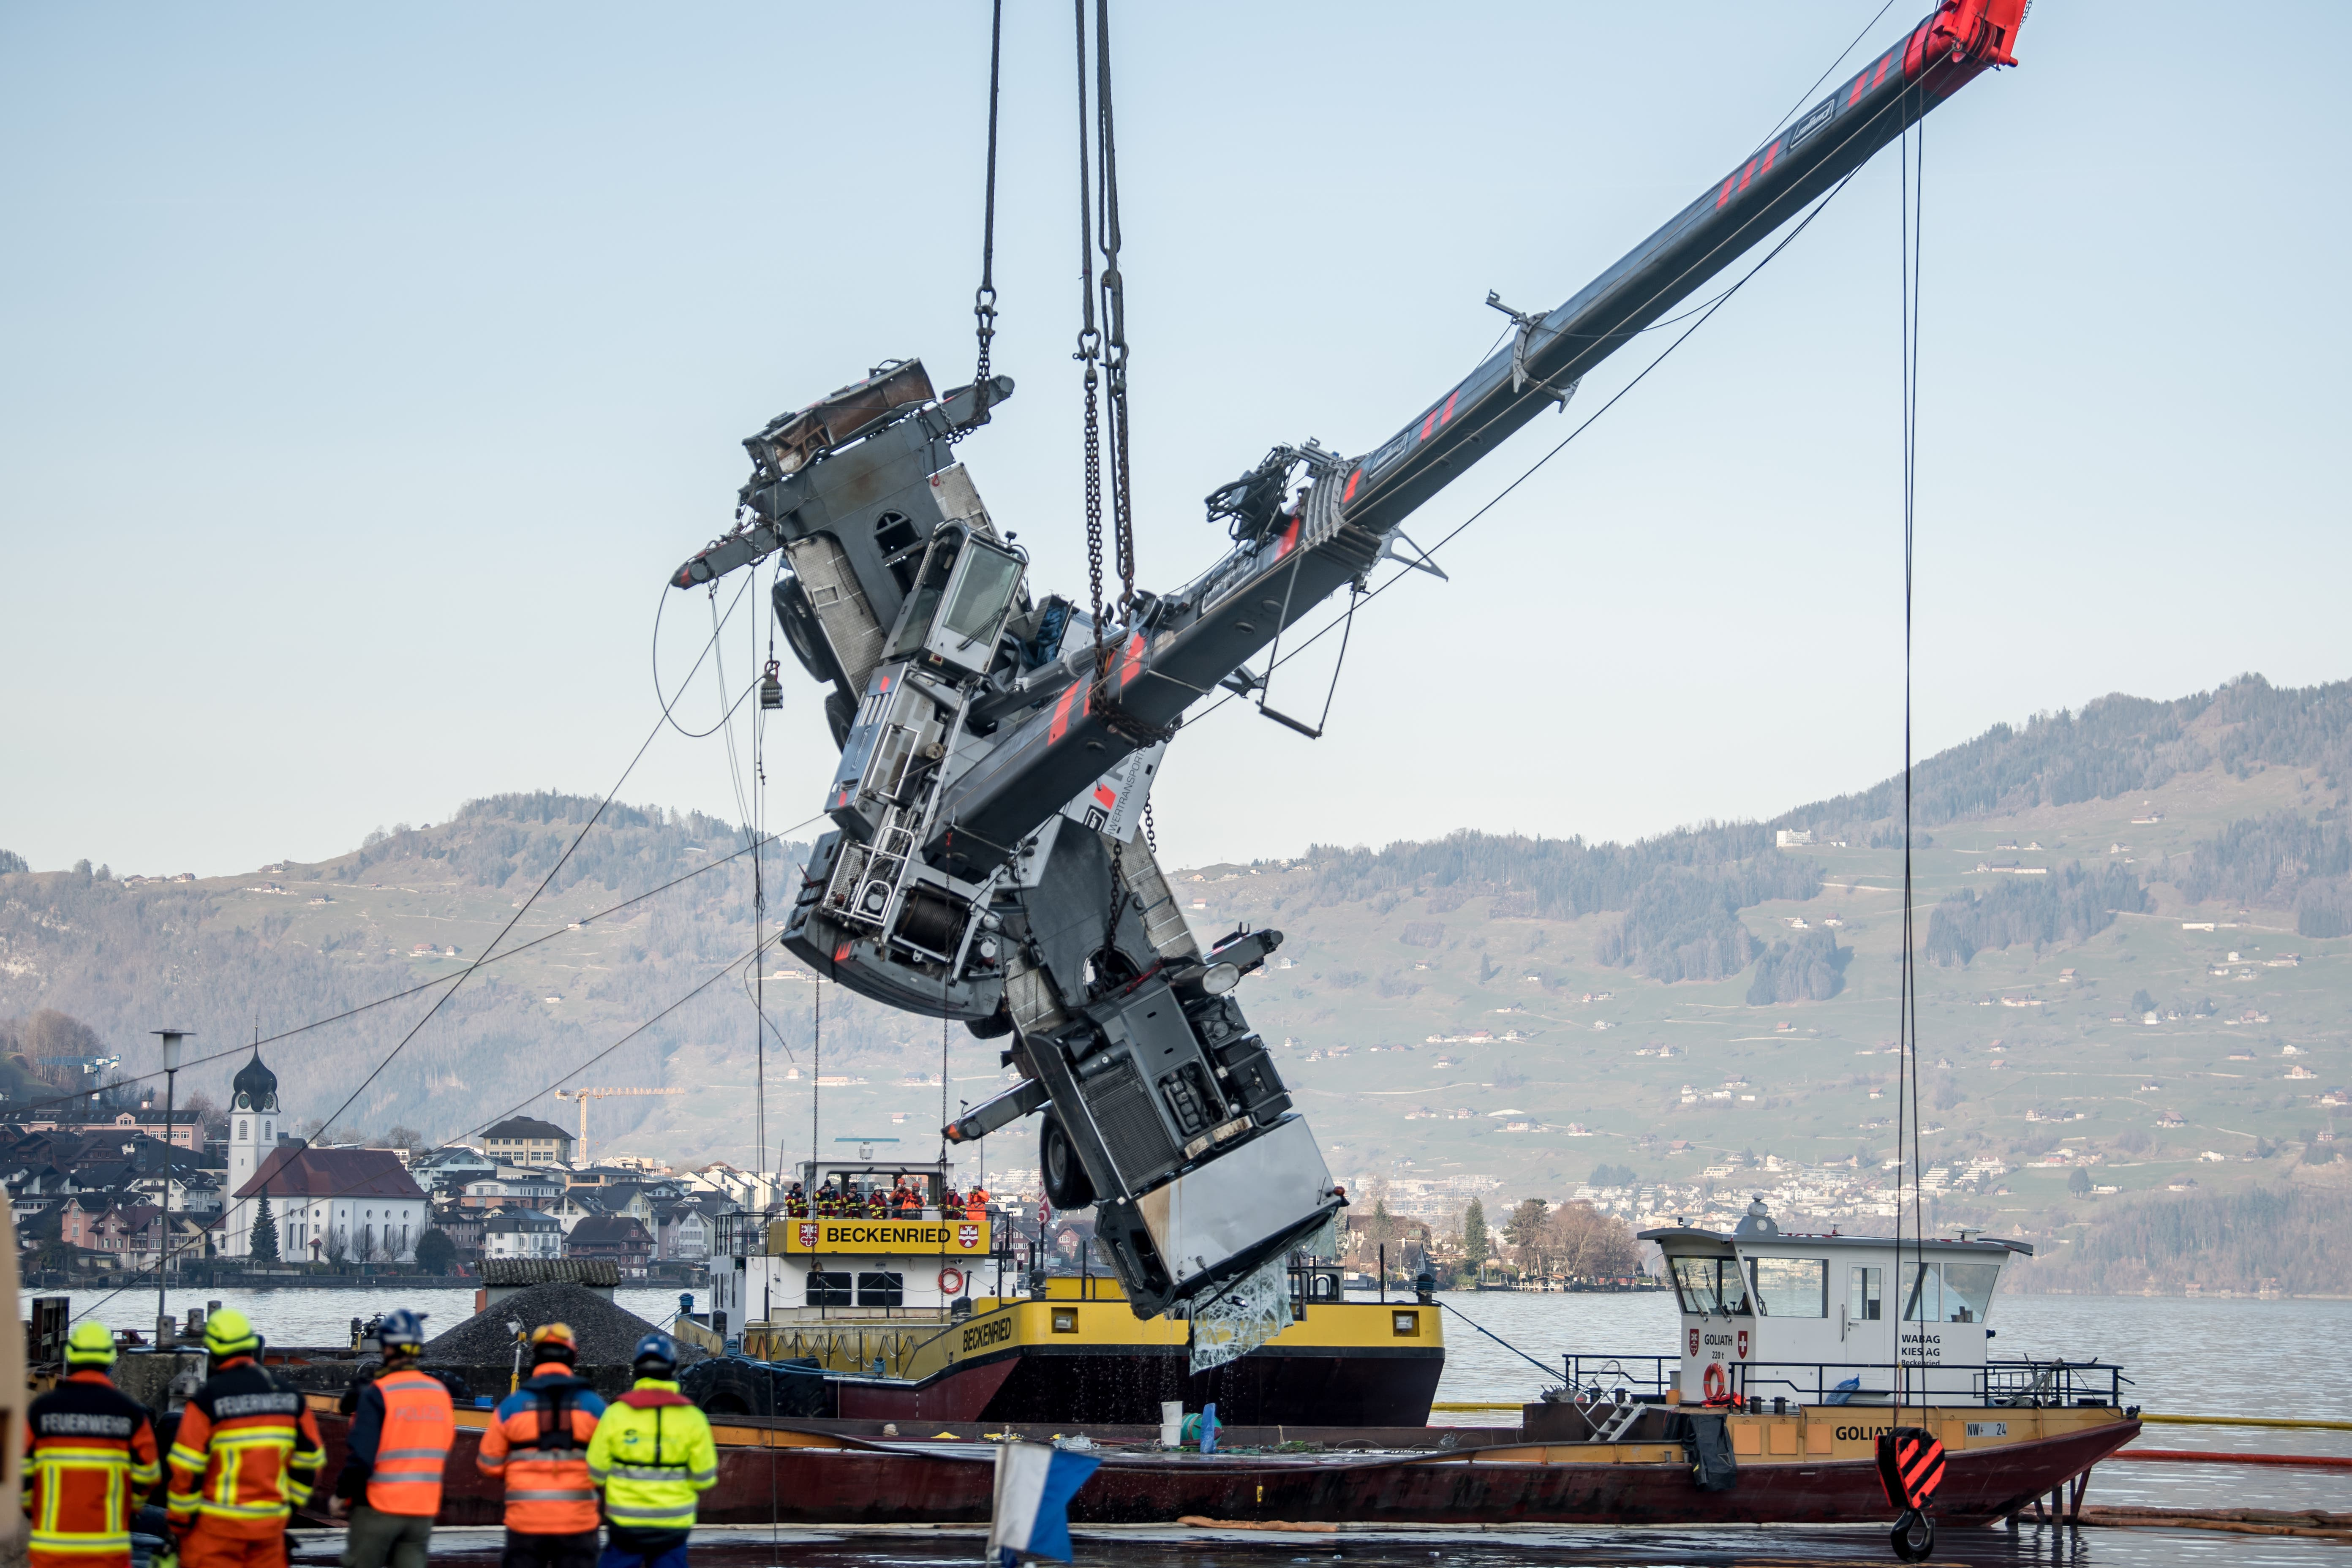 Der 60 Tonnen schwere Pneukran, der Mitte Januar bei Beckenried von einer Naue kippte und im Vierwaldstättersee versunken war, ist am Montagmorgen aus dem Wasser gehoben worden.